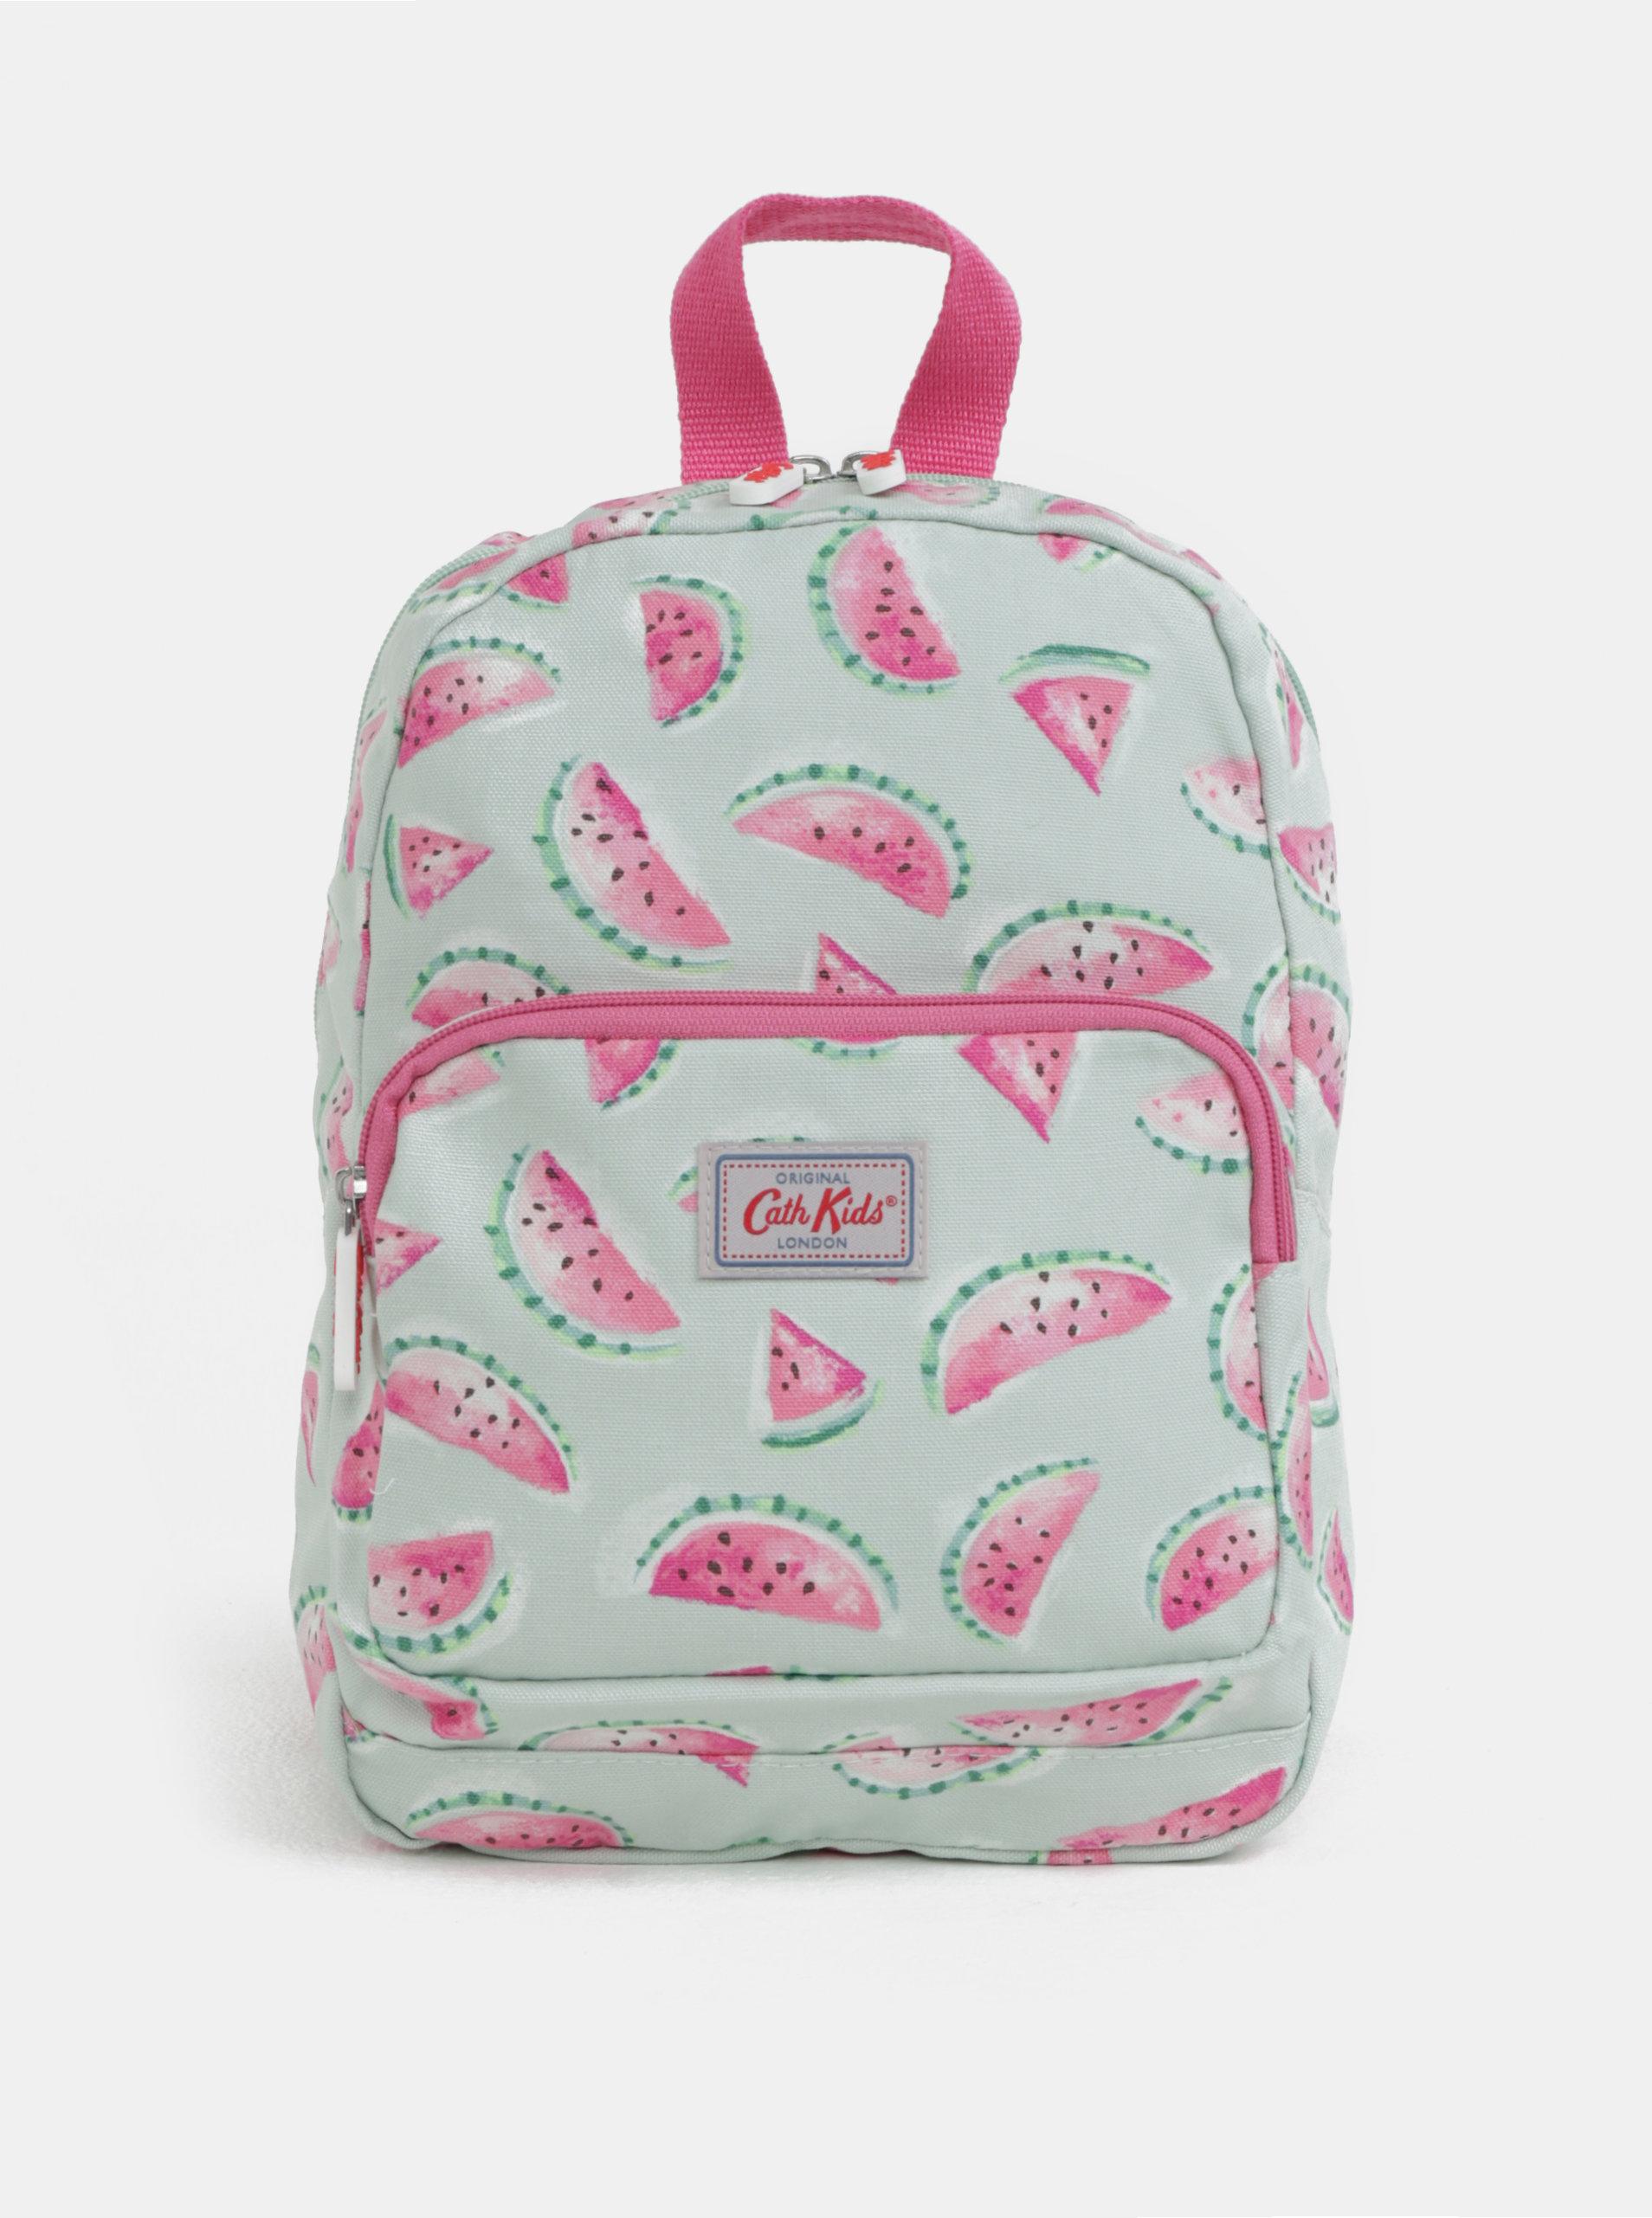 6707e671550 Světle zelený holčičí batoh s potiskem melounů Cath Kidston - SLEVA ...